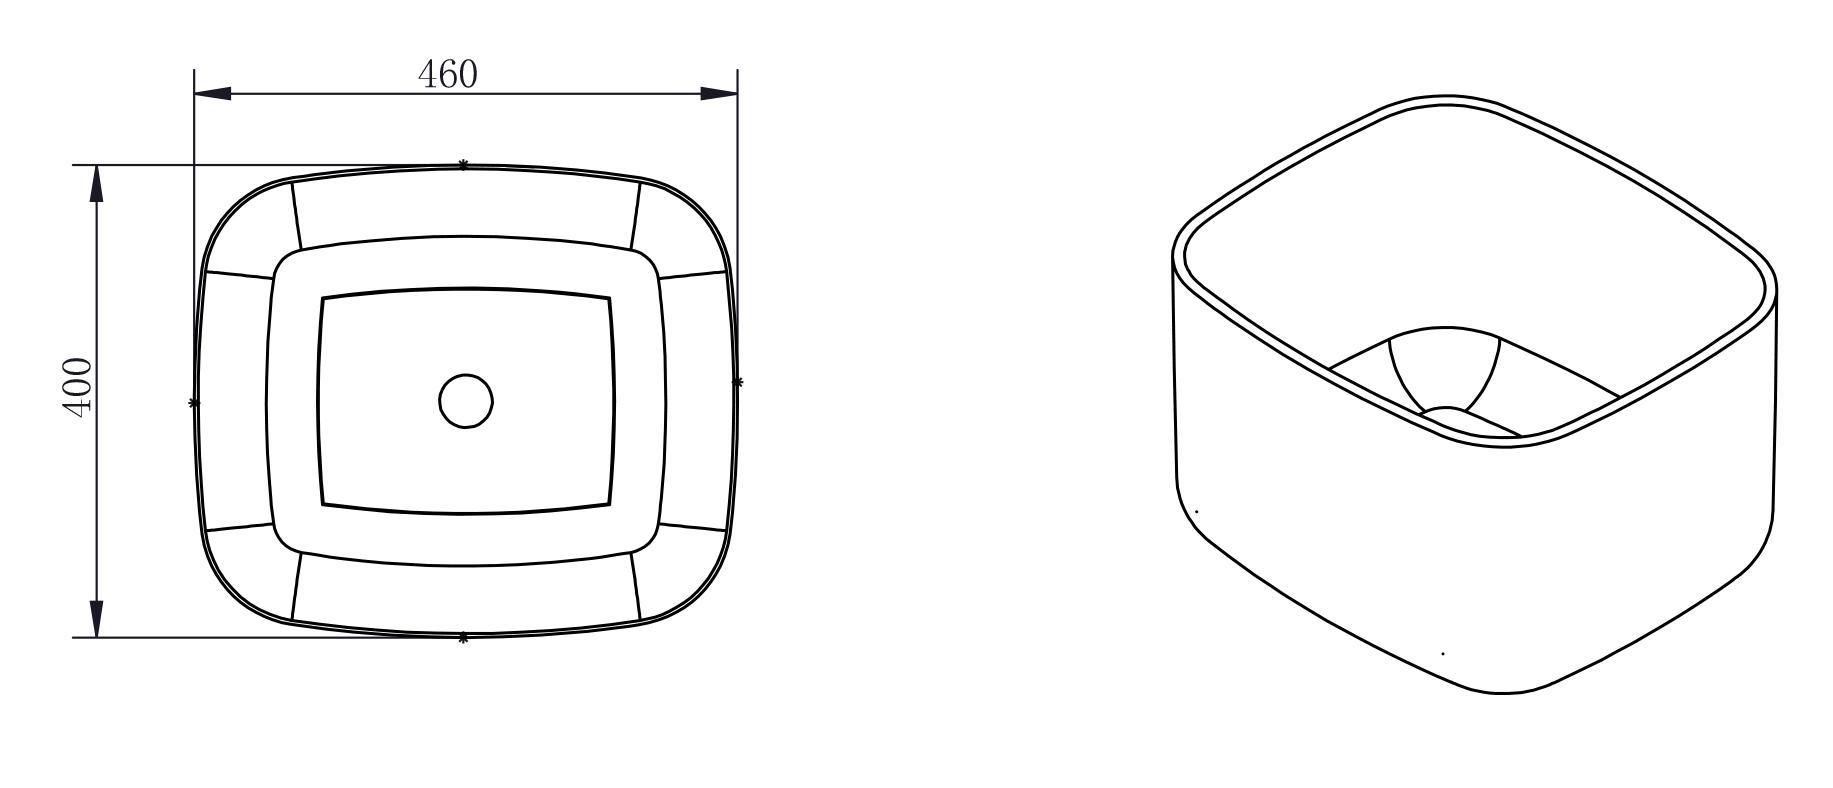 Aufsatzwaschbecken PB2094 - Zeichnung 1